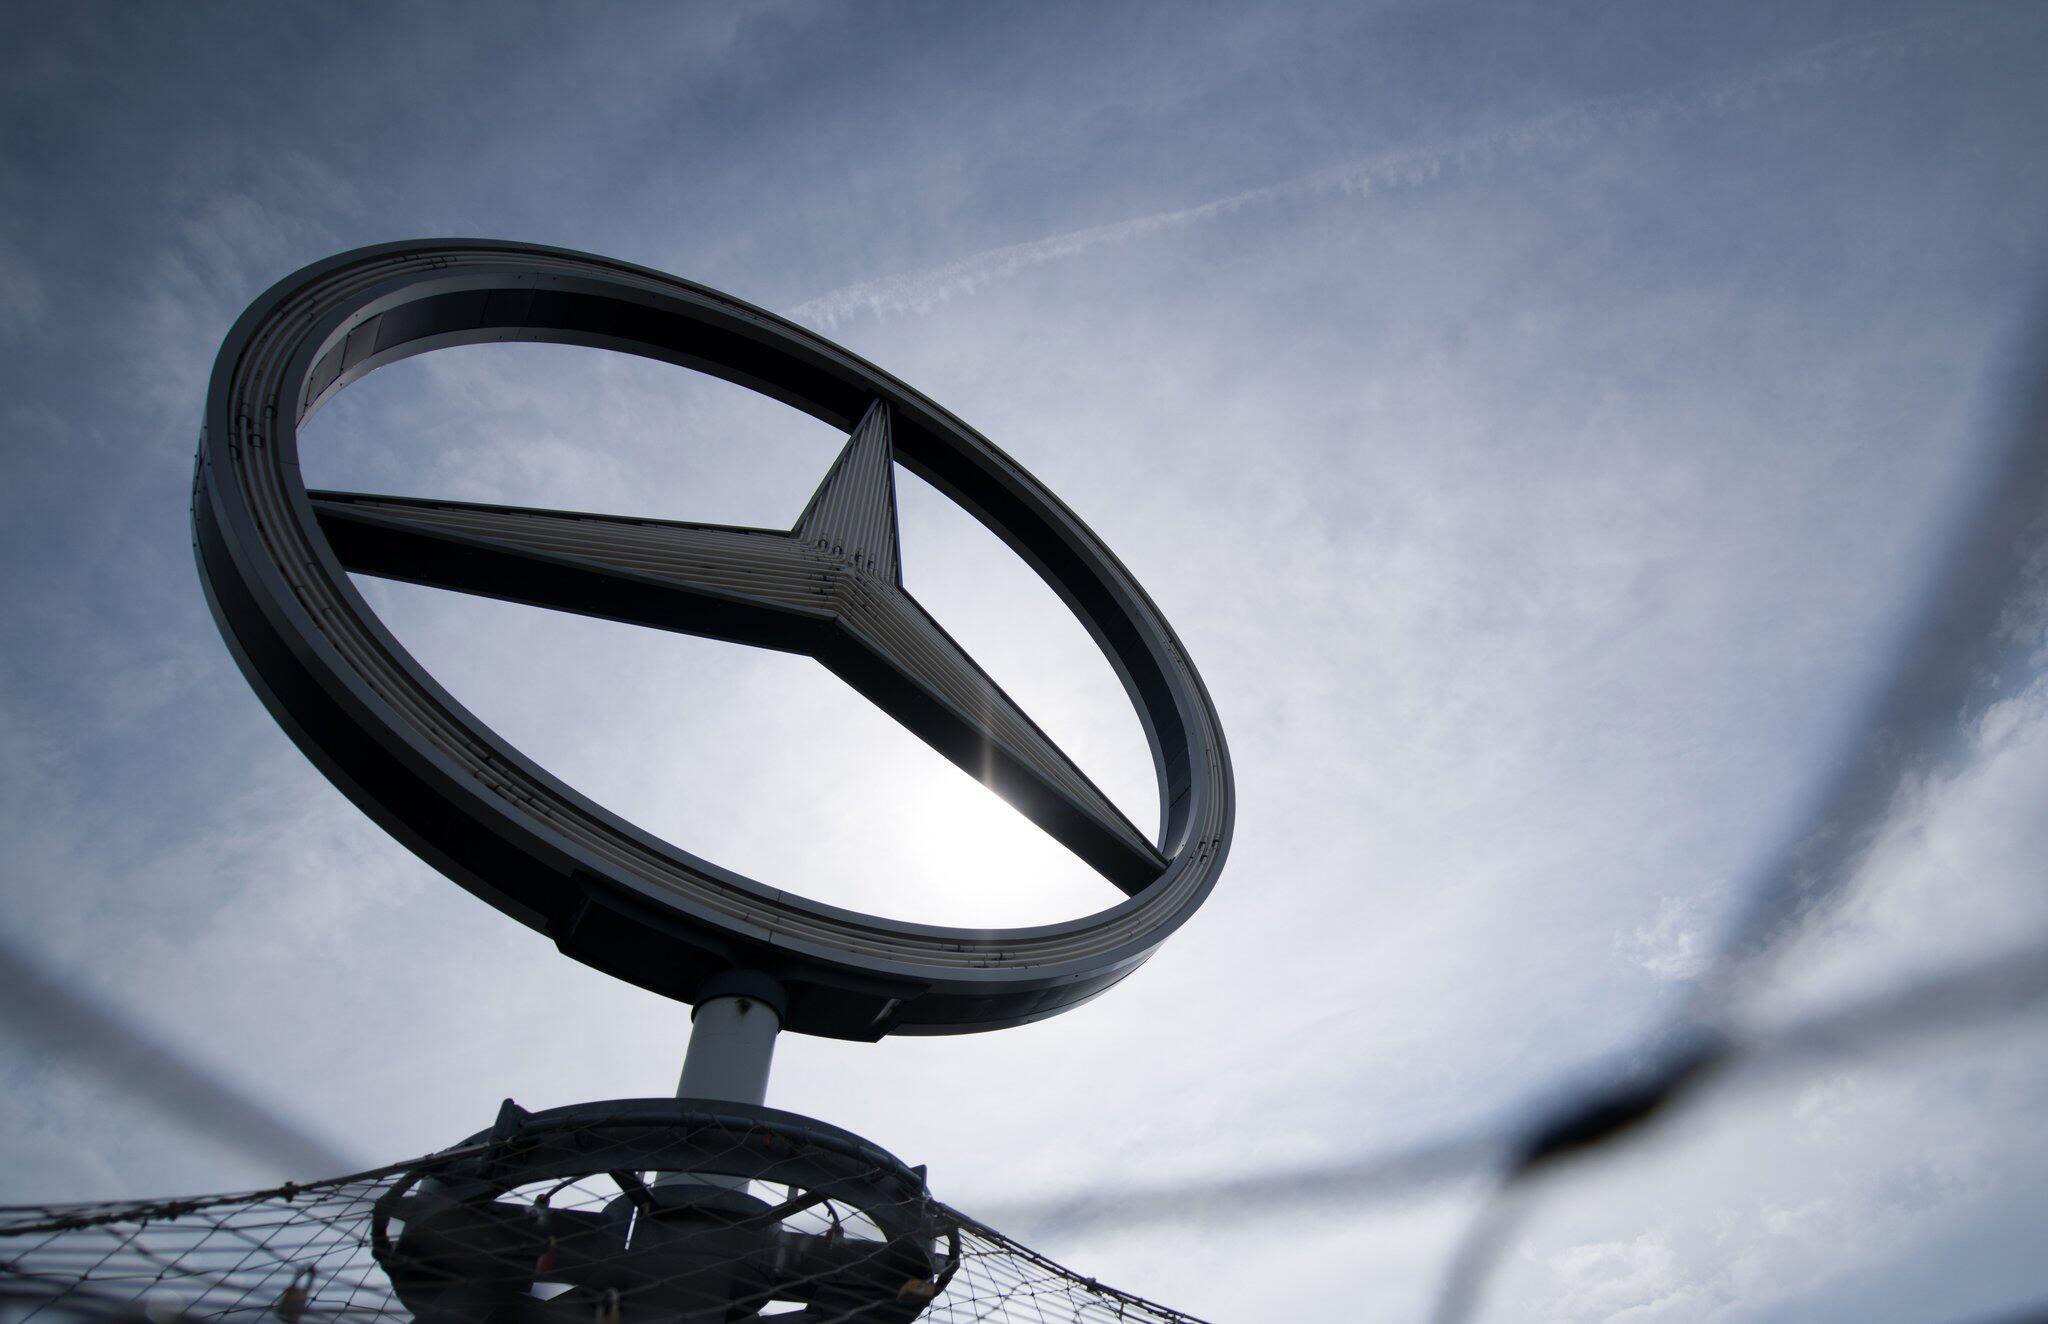 Bild zu Neuer Verdacht der Software-Manipulation bei Daimler-Dieselautos